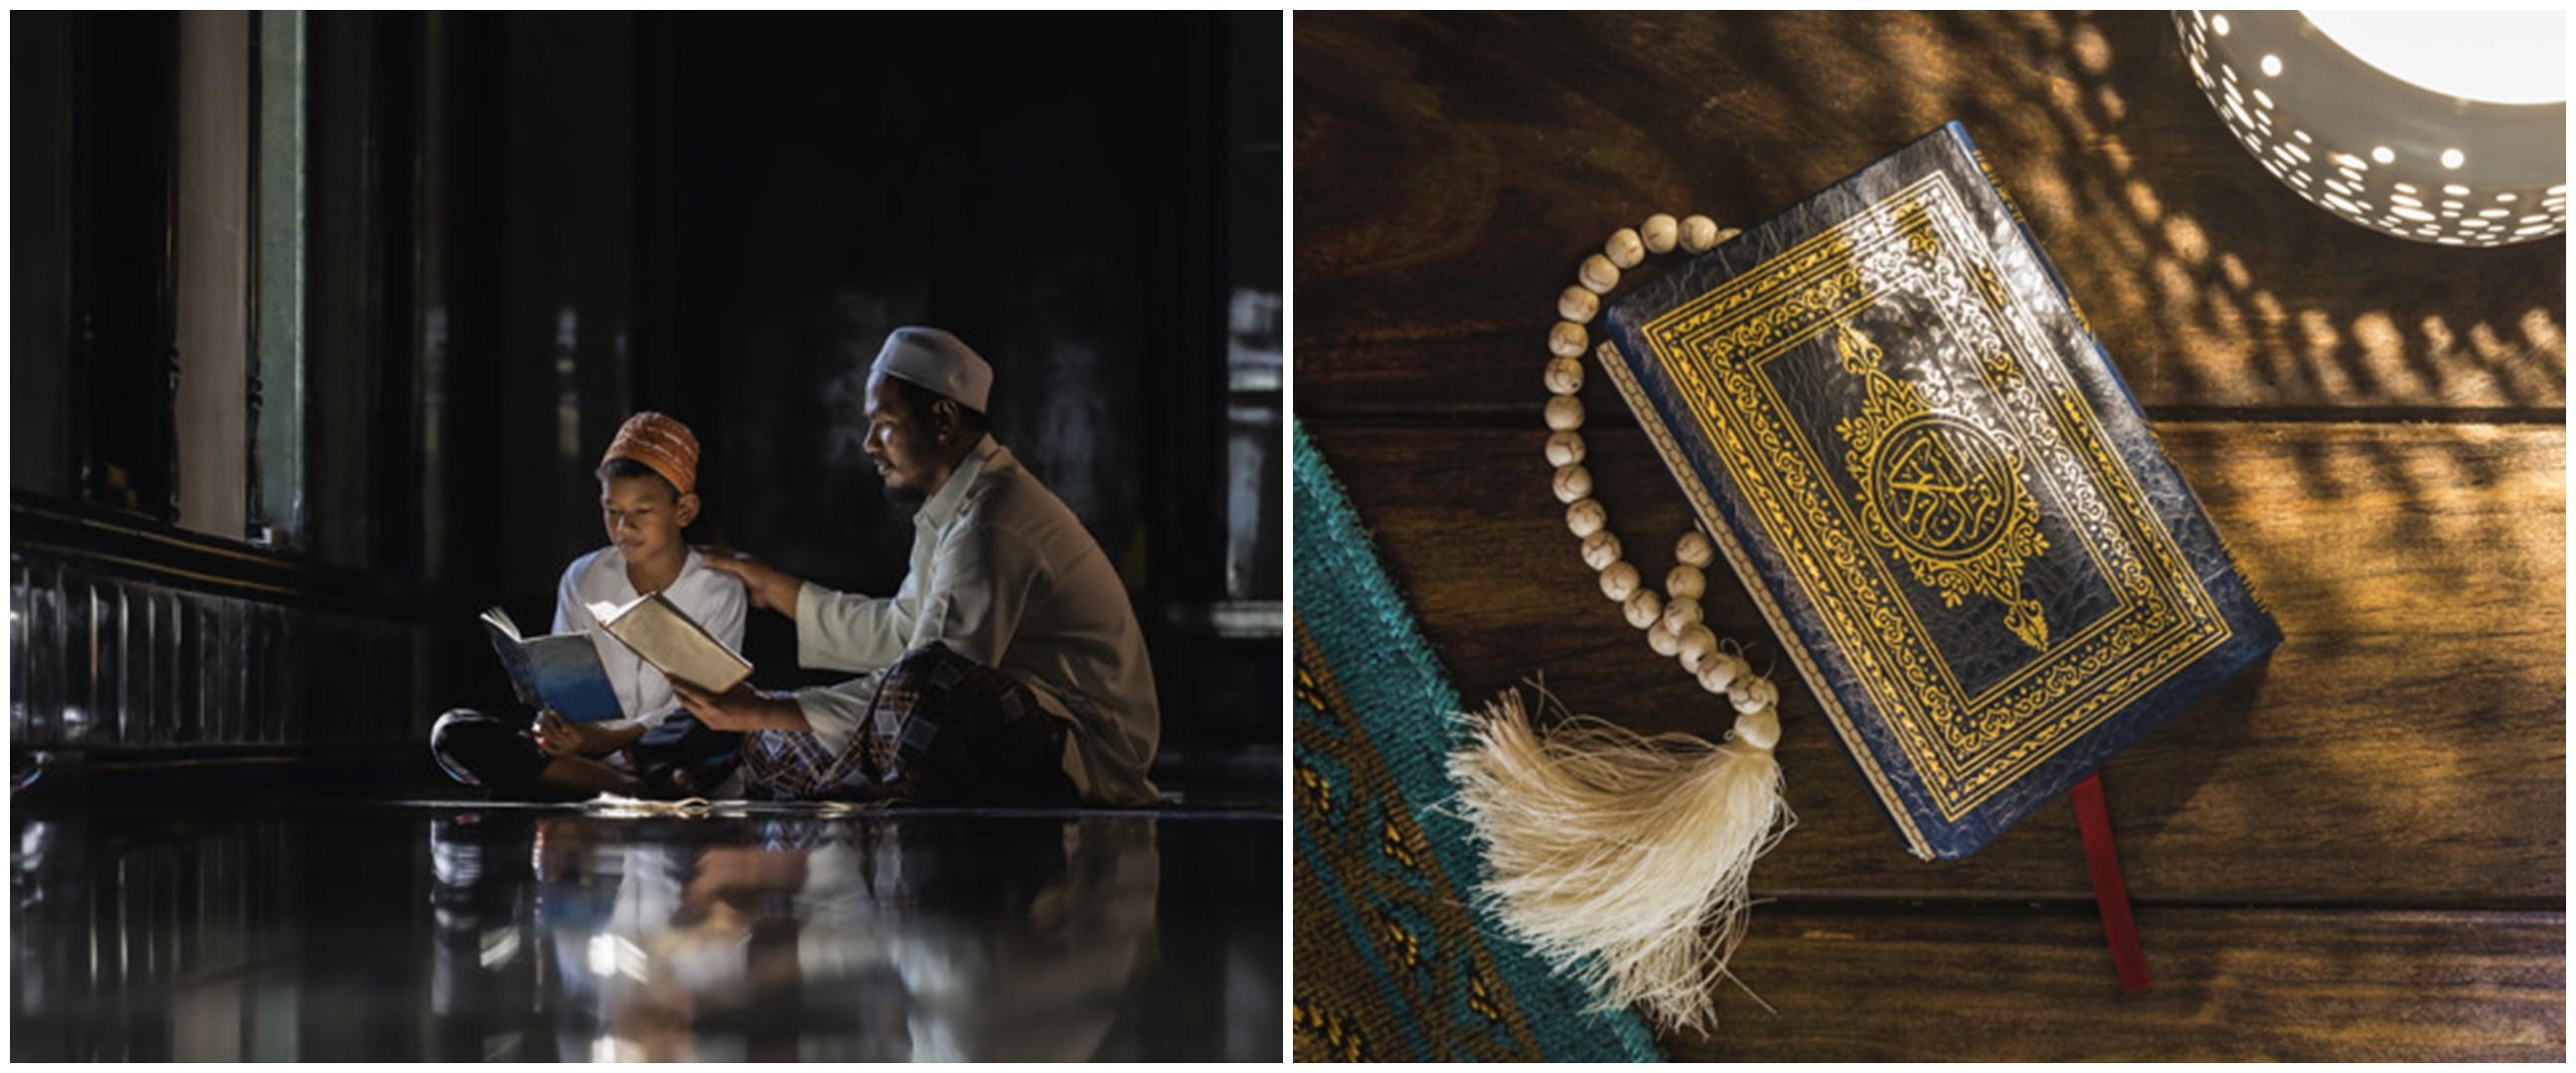 Pengertian Islam, menurut bahasa, Alquran, hadits, dan ulama